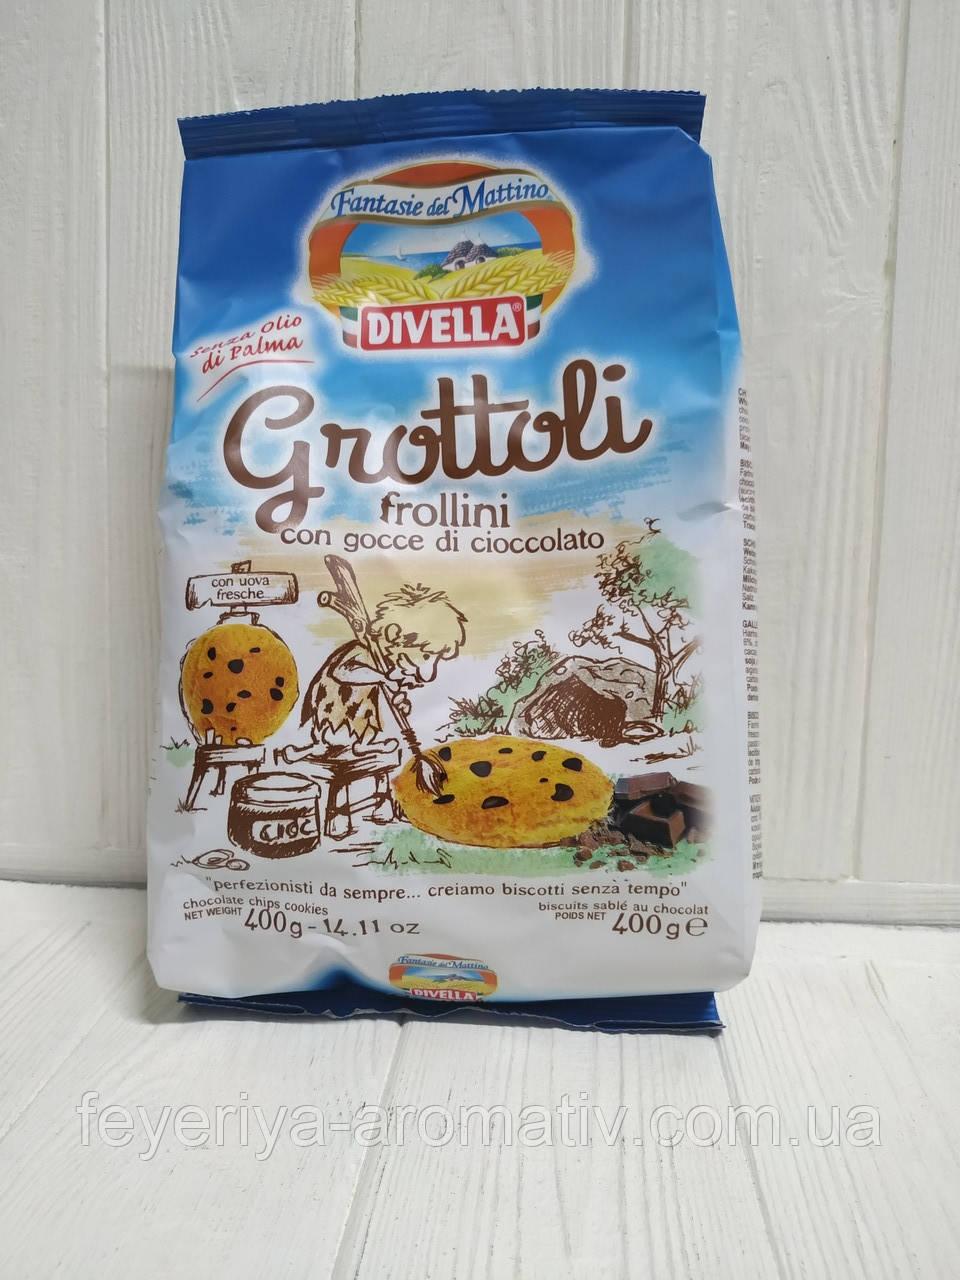 Печенье с шоколадной крошкой Divella Grottoli frollini 400гр (Италия)